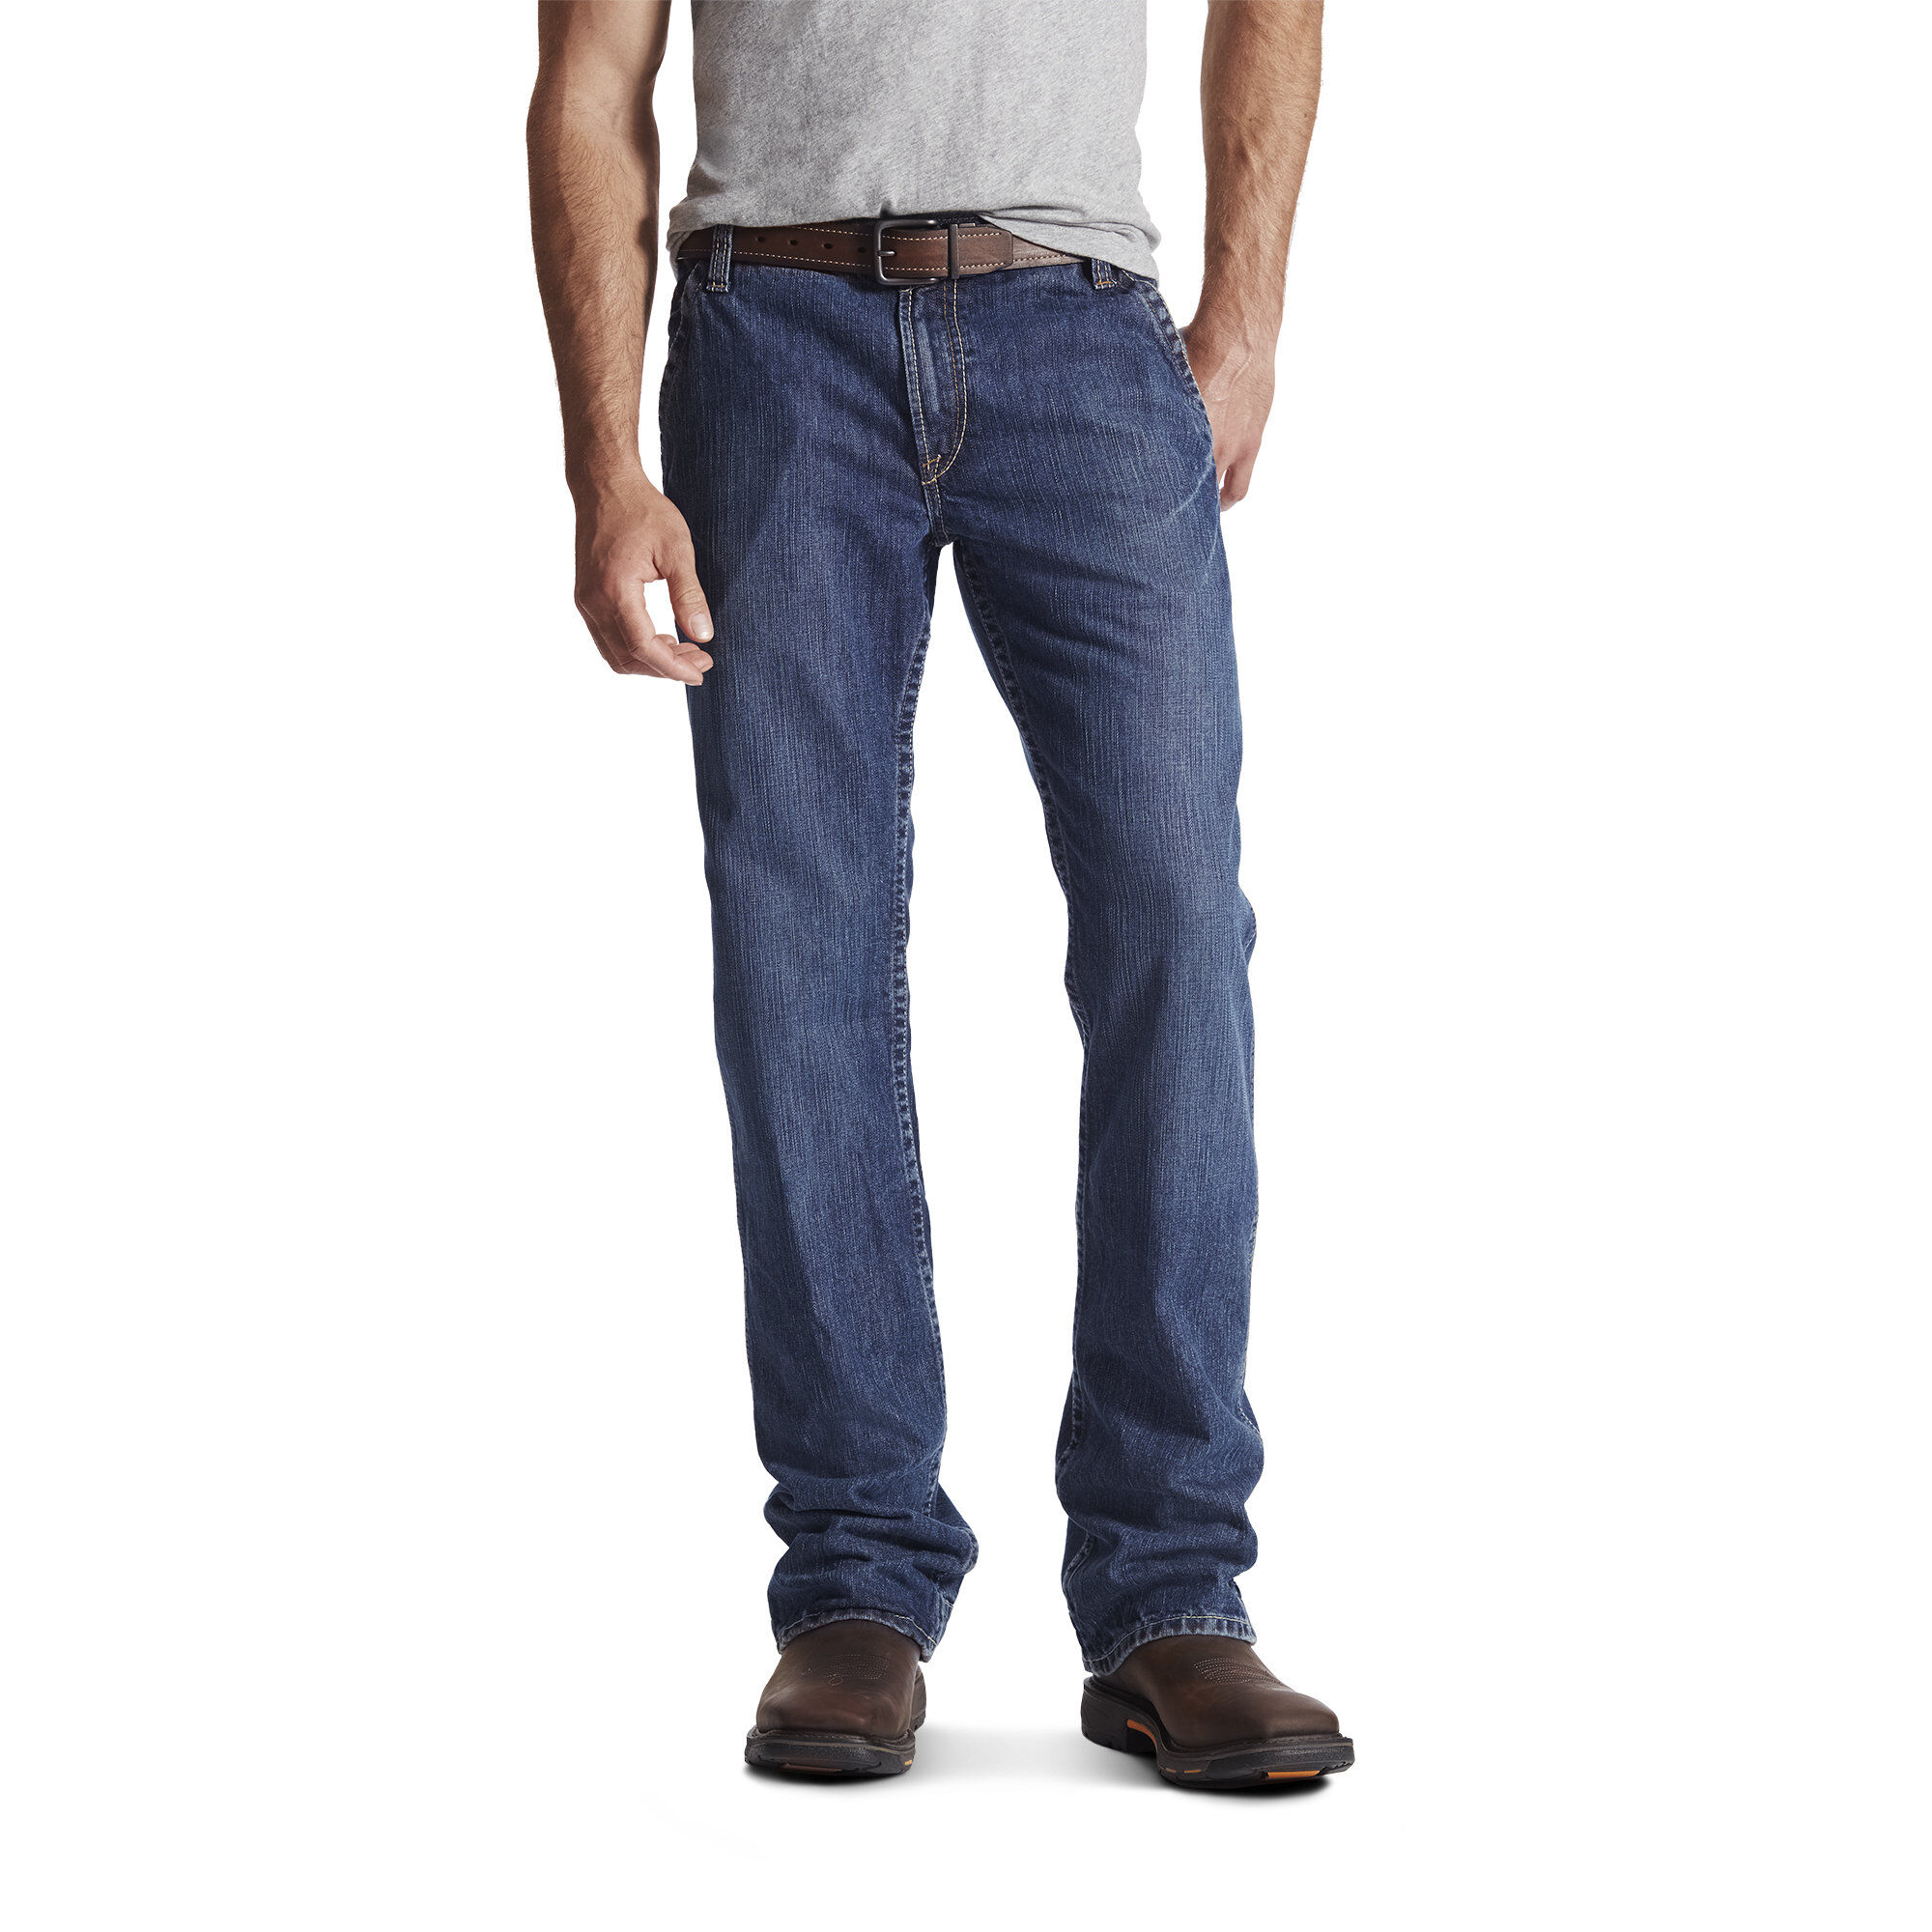 961cc642e76 Images. FR M4 Low Rise Workhorse Boot Cut Jean